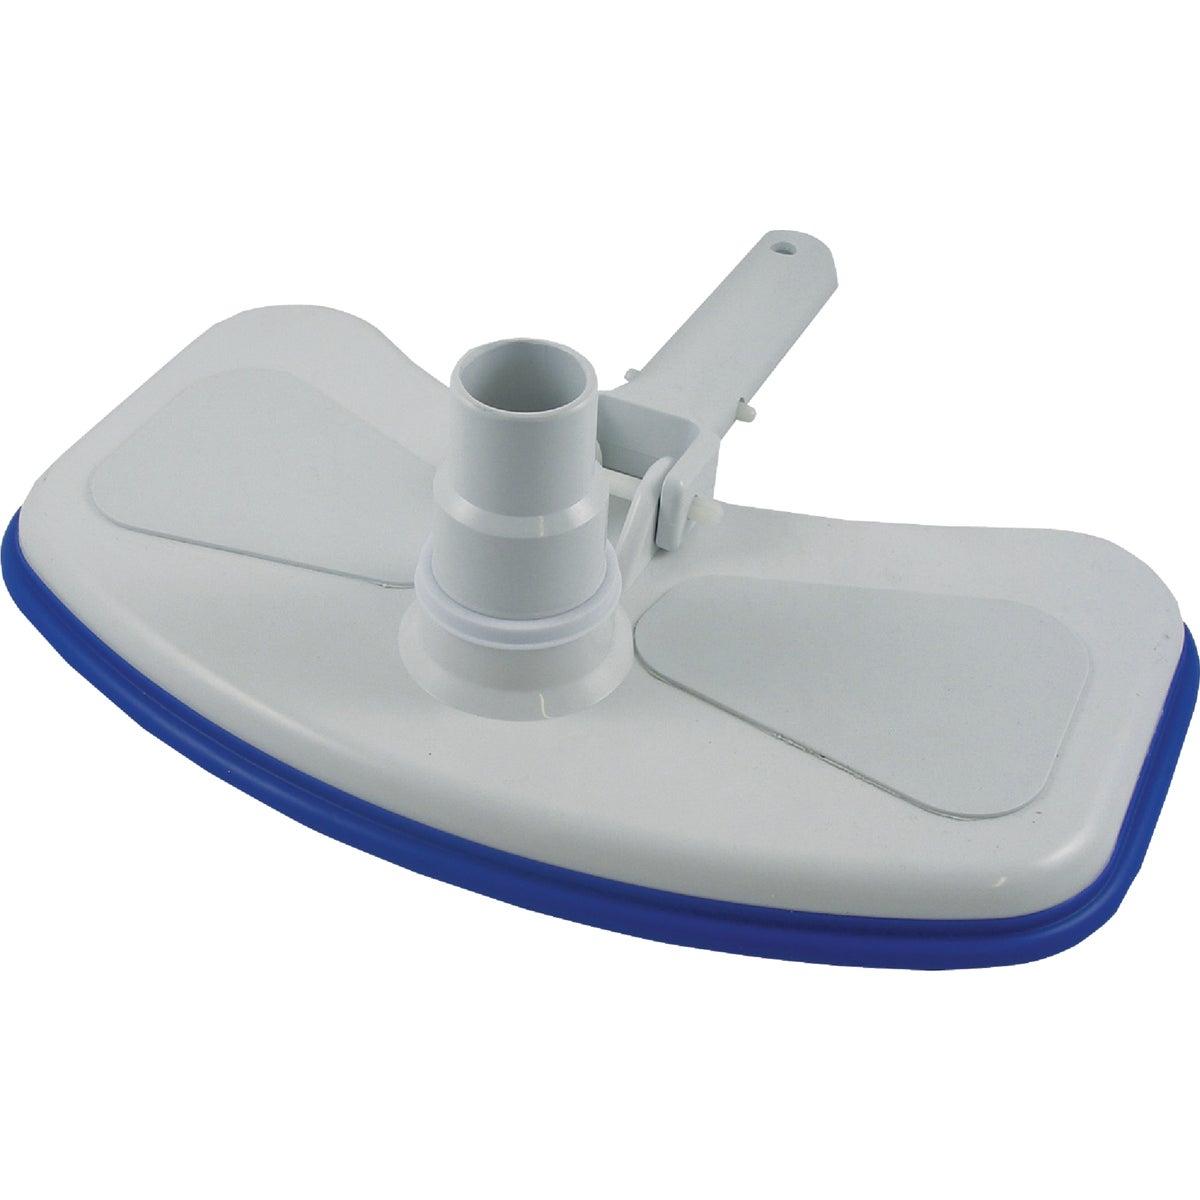 JED Pool Tools ABOVE GROUND VACUUM HEAD 00-171